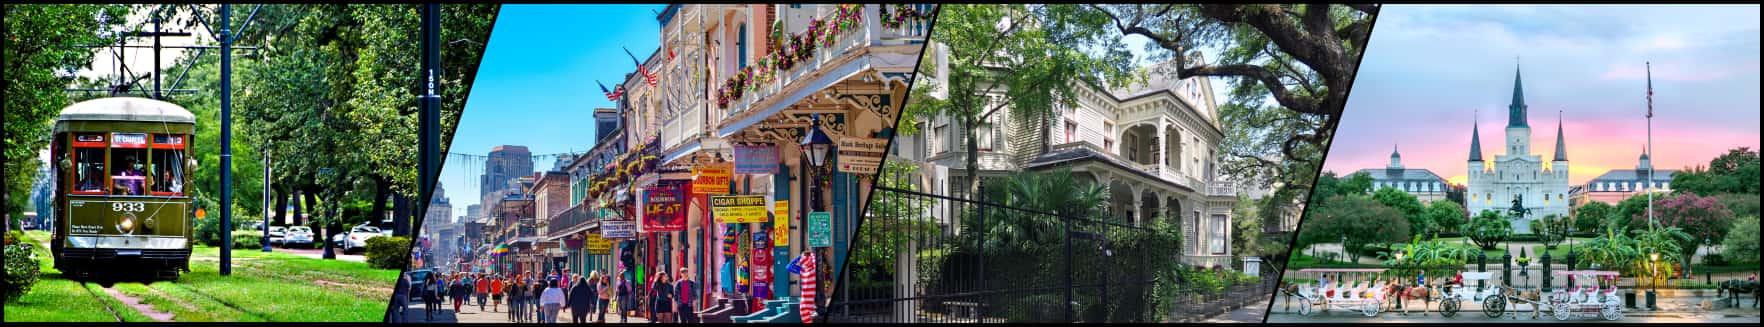 New York - New Orleans D13